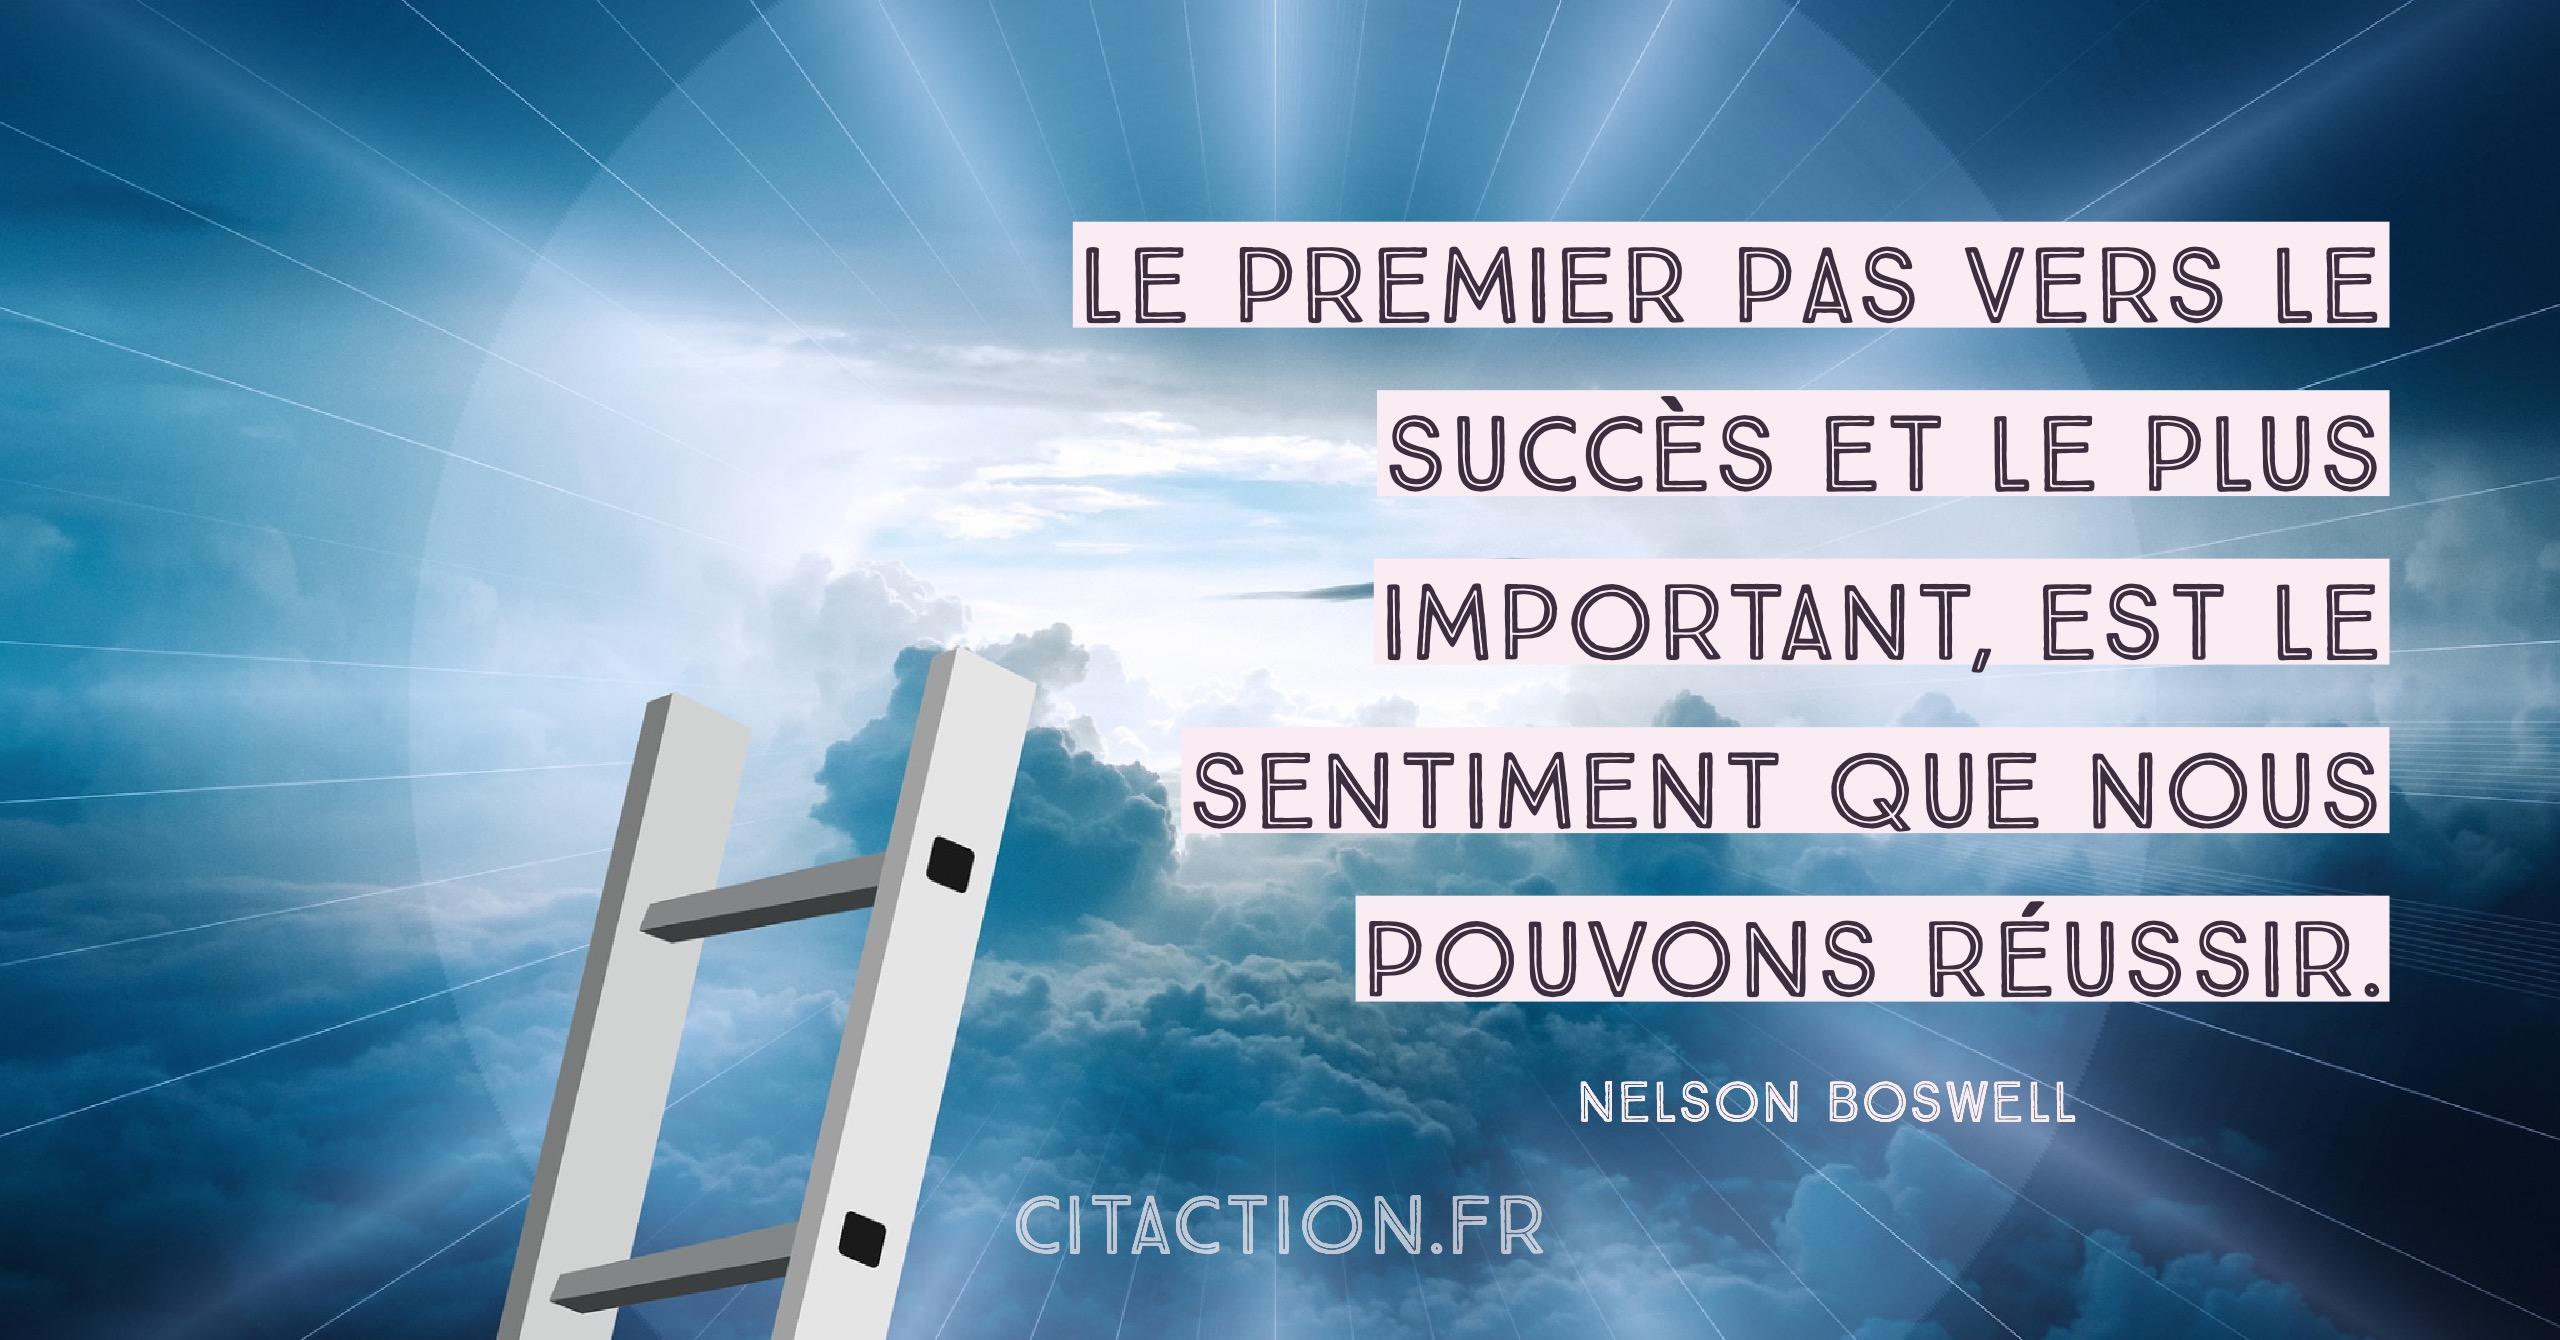 Le premier pas vers le succès et le plus important, est le sentiment que nous pouvons réussir.